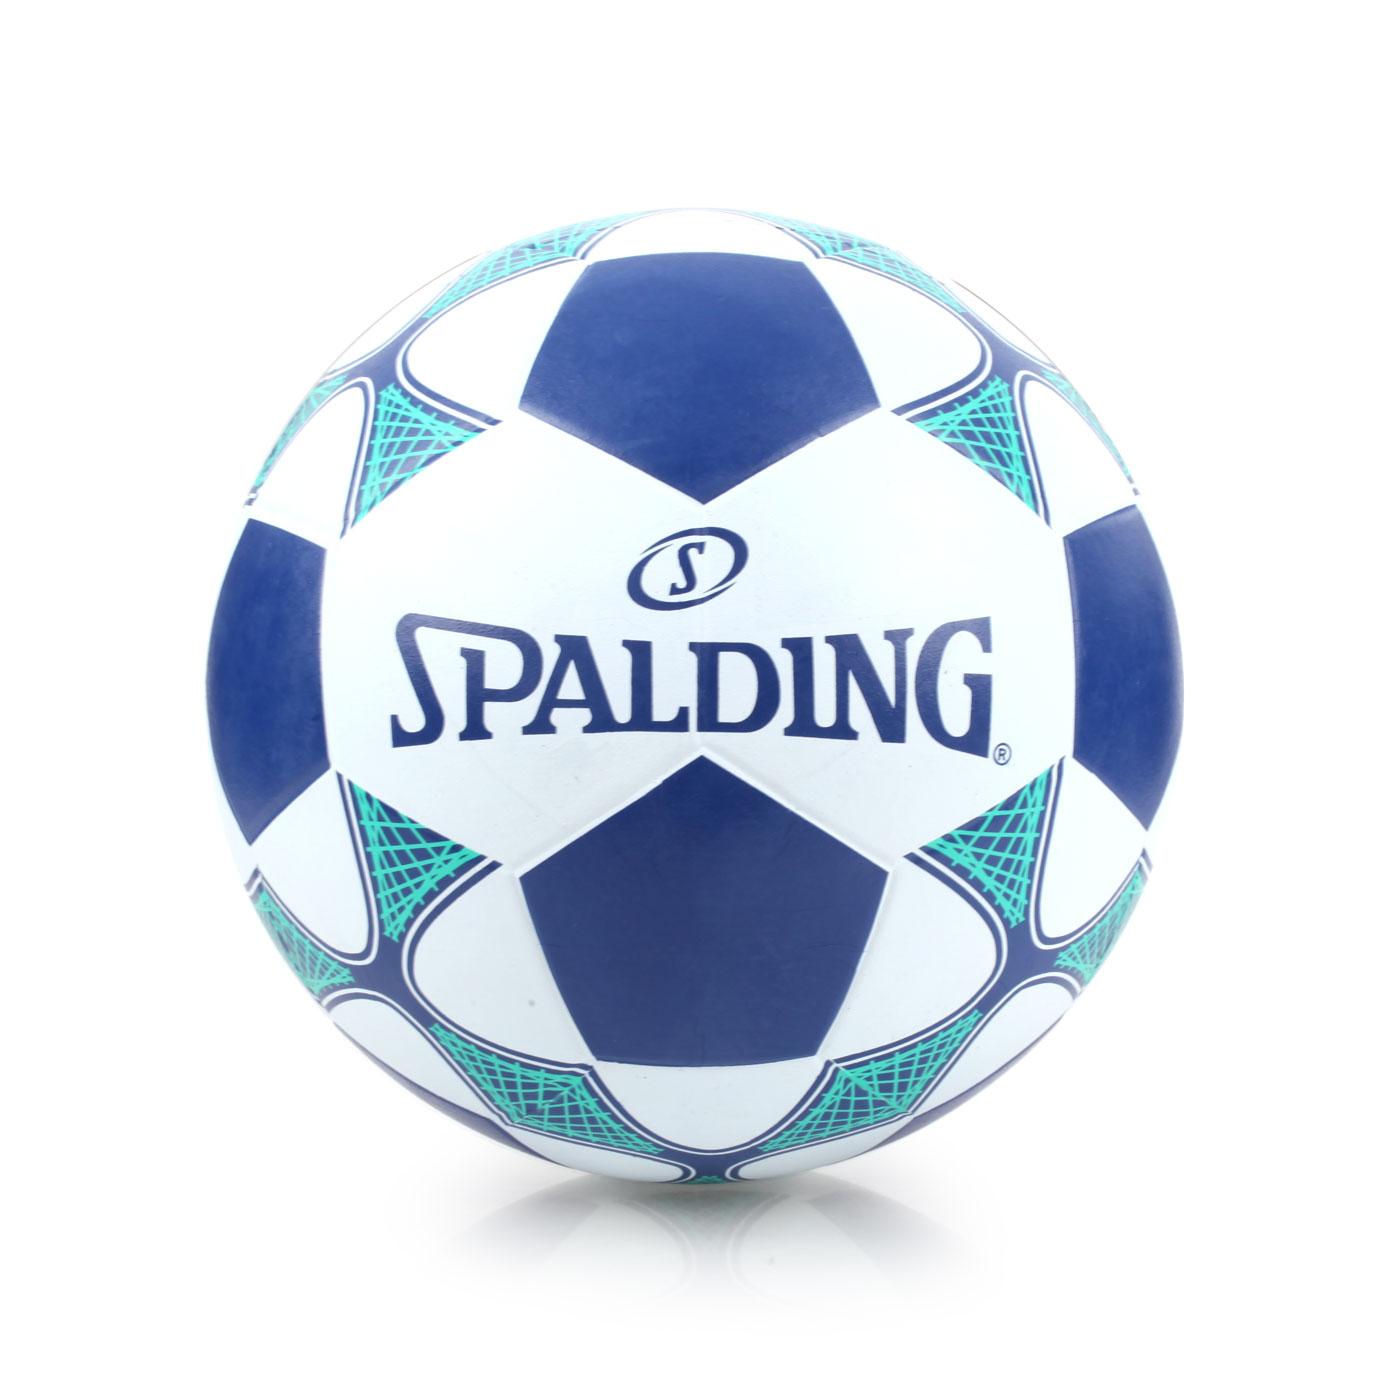 SPALDING Team 足球 #5 SPBC5002